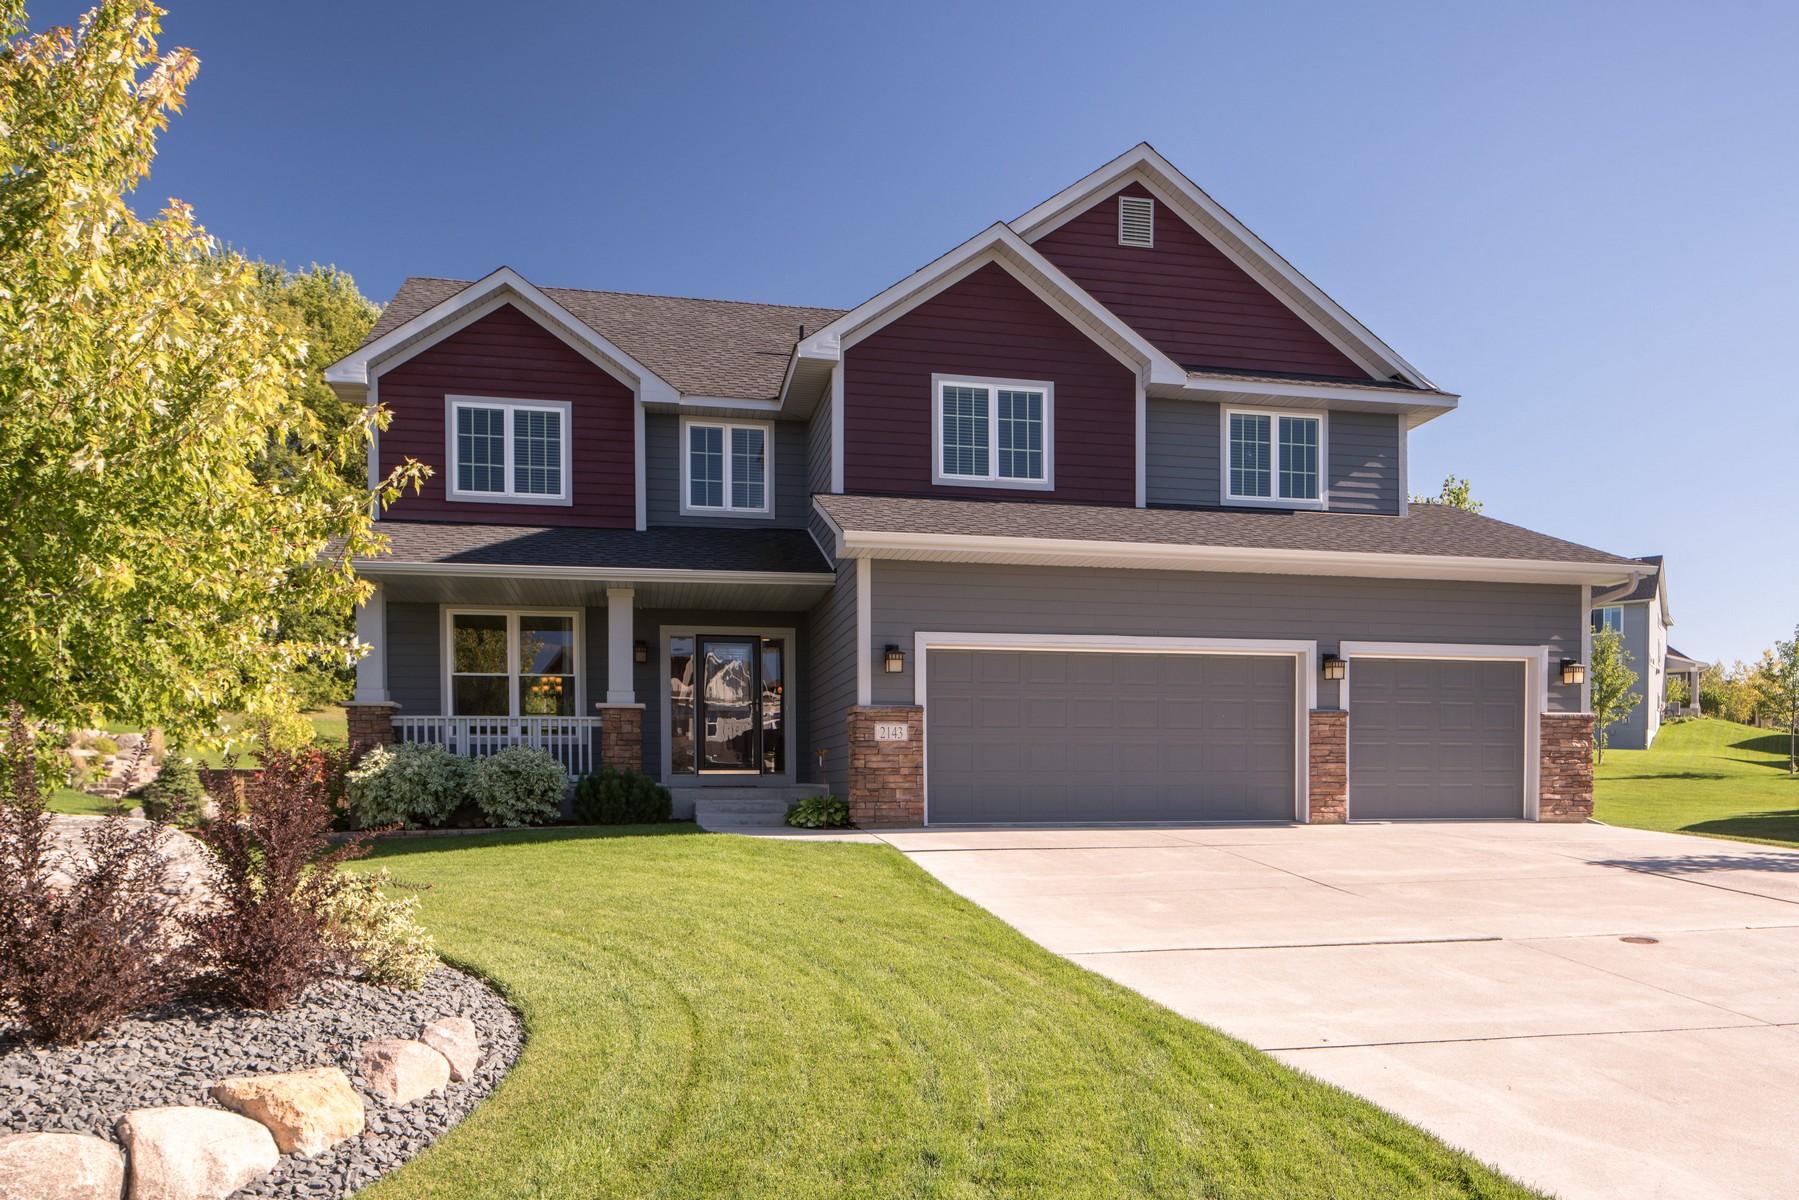 Casa Unifamiliar por un Venta en 2143 Halli Road Shakopee, Minnesota 55379 Estados Unidos